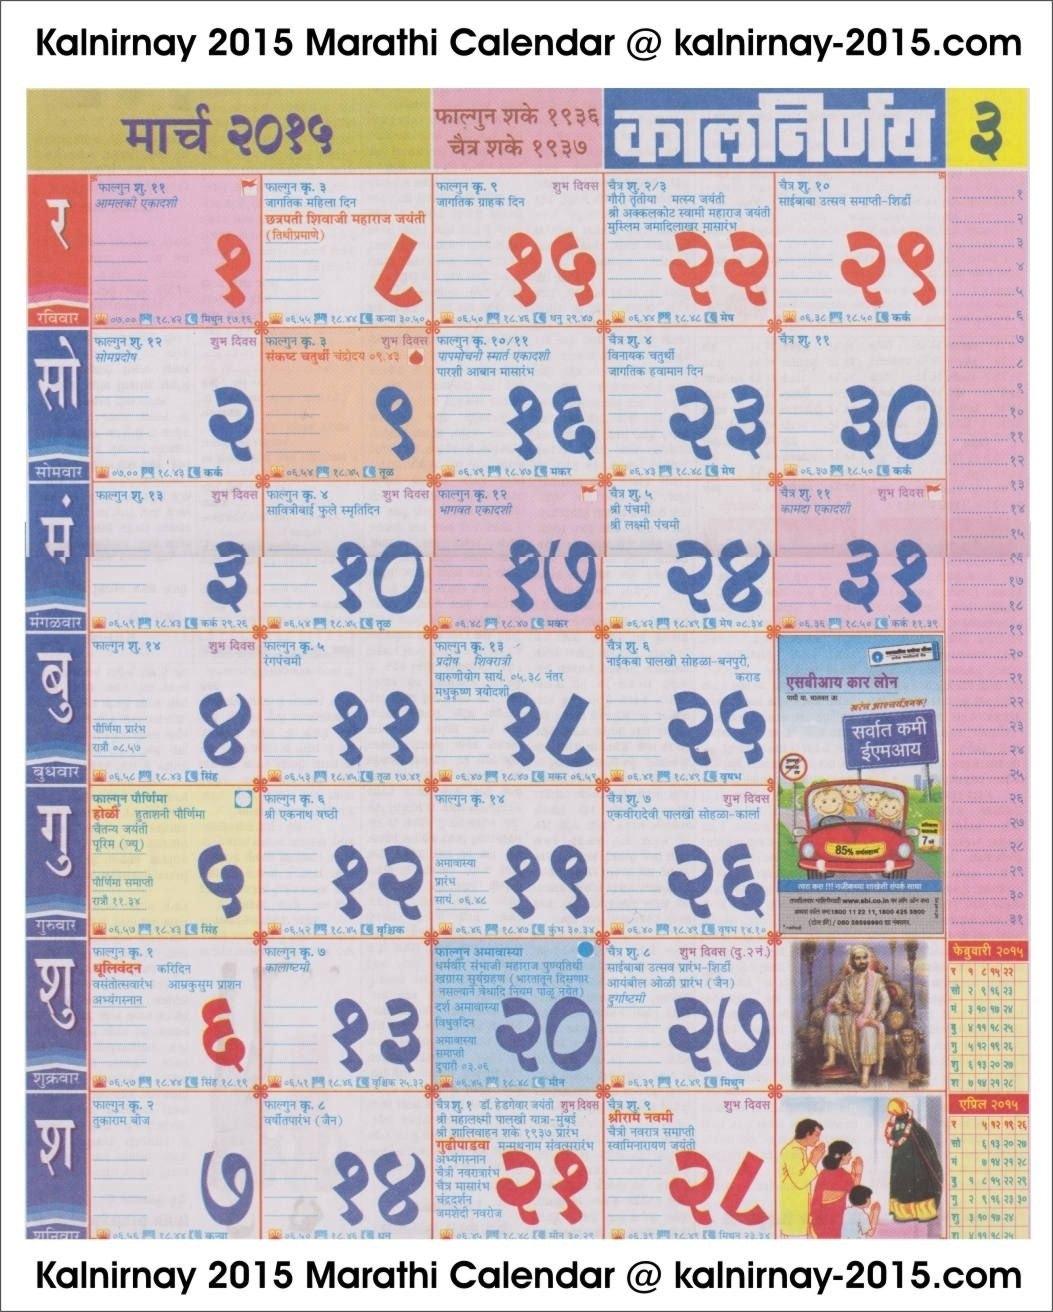 Kalnirnay Calendar March 2019 Marathi | Template Calendar Printable Calendar 2019 Kalnirnay March